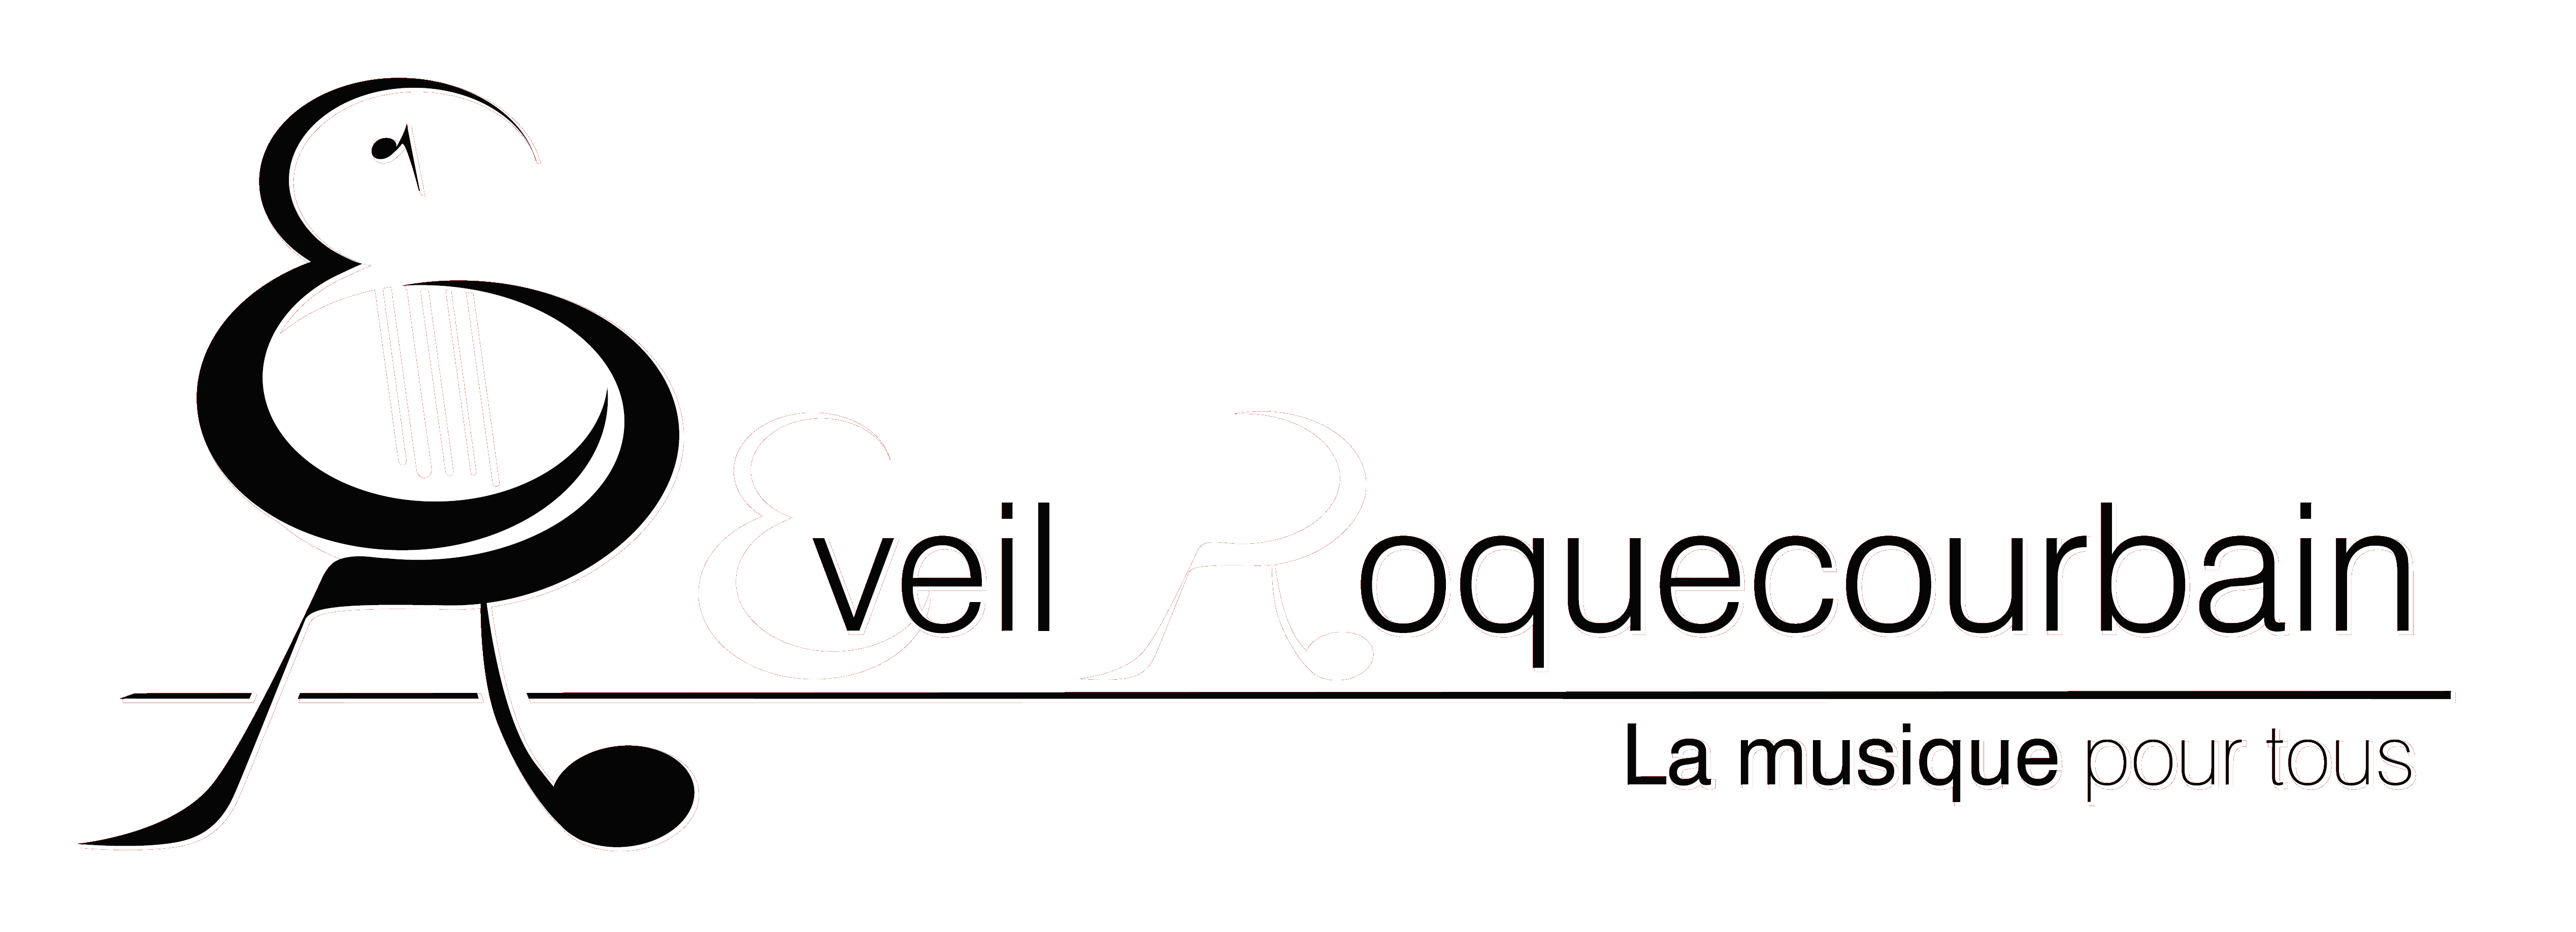 Logo de l'Eveil Roquecourbain